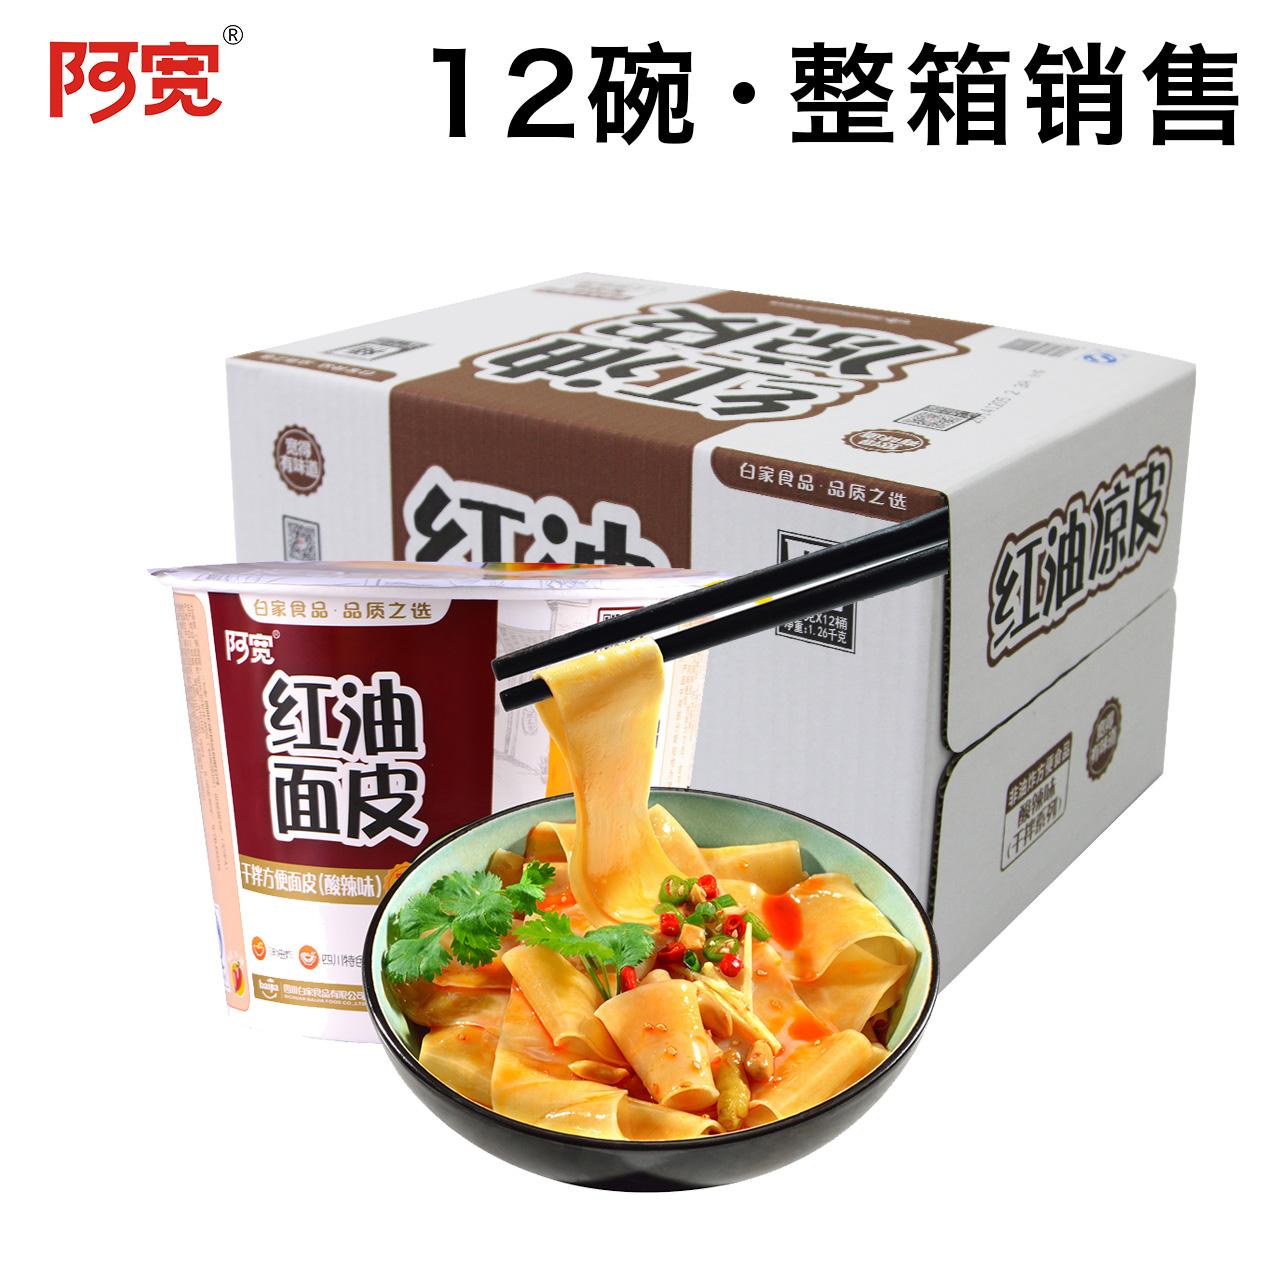 ~天貓超市~白家食品 阿寬 紅油鋪蓋麵 105g 碗^~12碗 整箱銷售